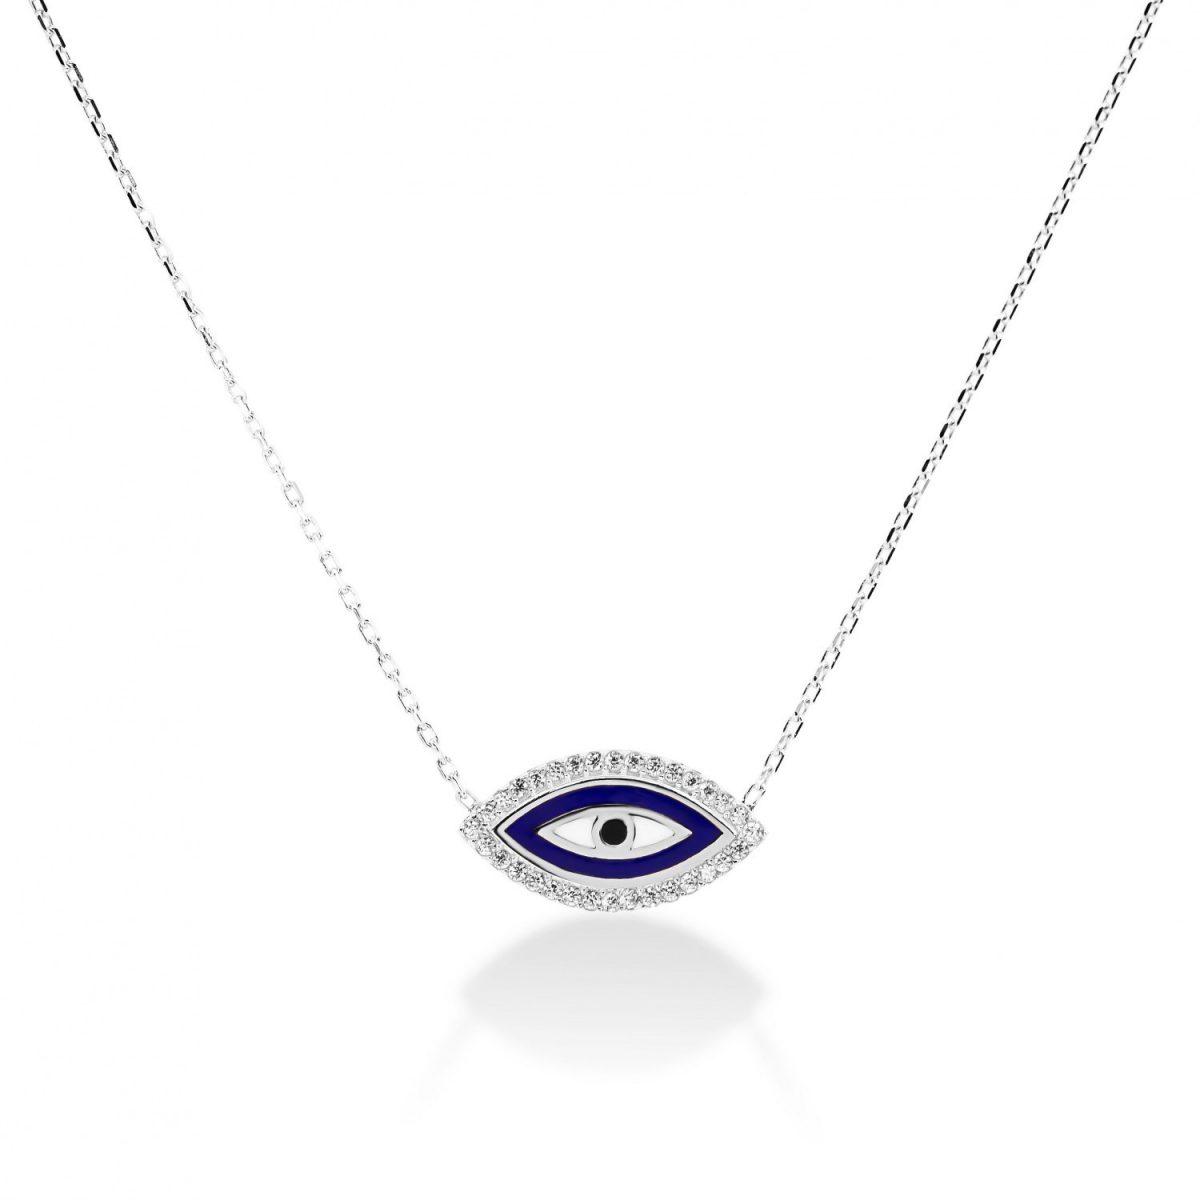 שרשרת זהב - עין כחולה אמייל משובצת זרקונים זהב לבן